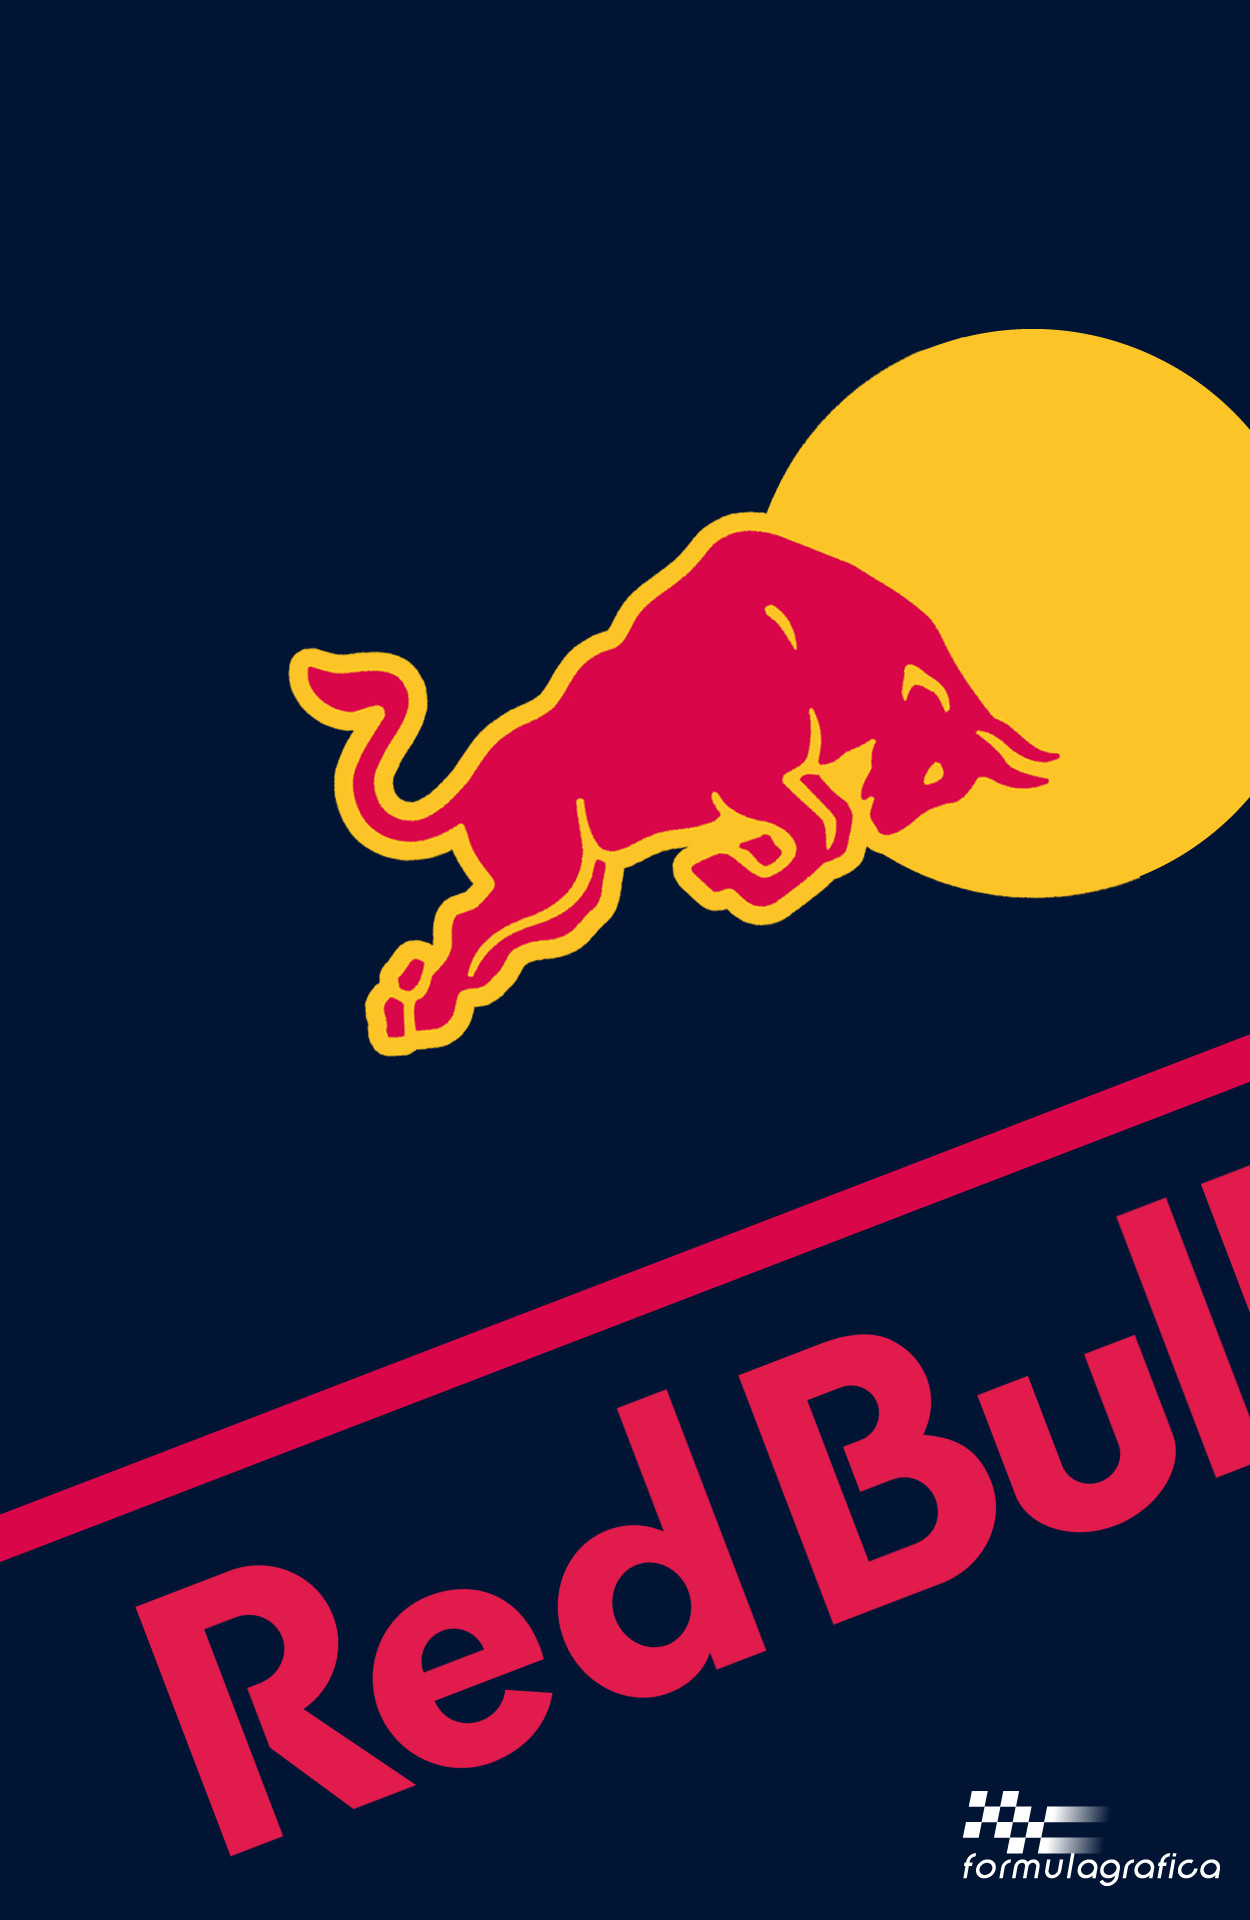 Red Bull Racing Daniel Ricciardo Formula 1 Wallpapers Red Bull Wallpaper Iphone 1000352 Hd Wallpaper Backgrounds Download